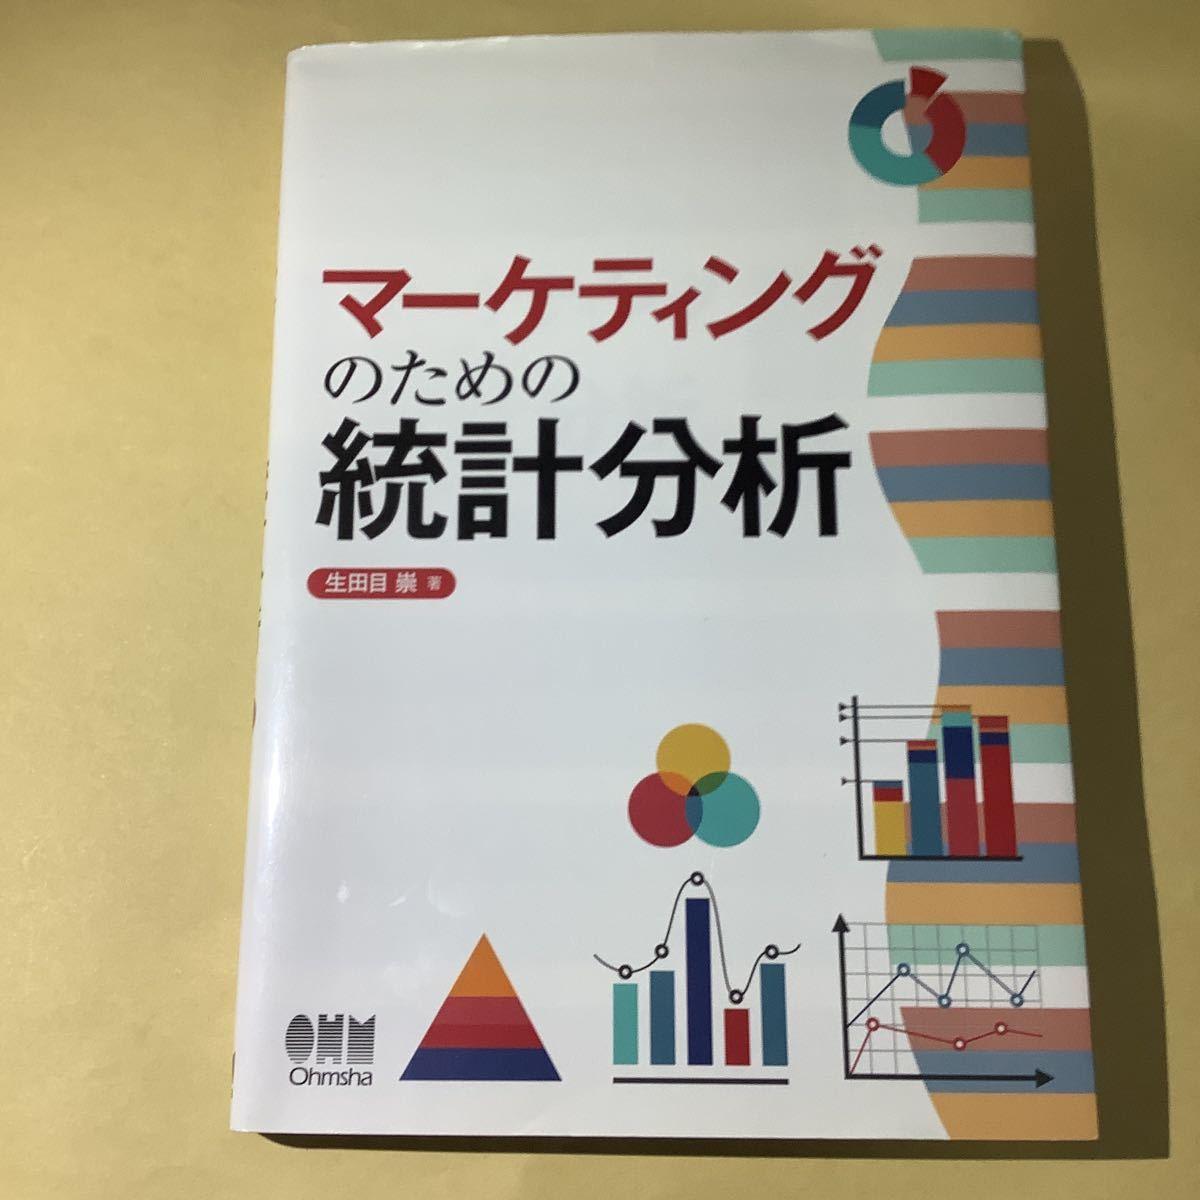 マーケティングのための統計分析/生田目崇 (著者)